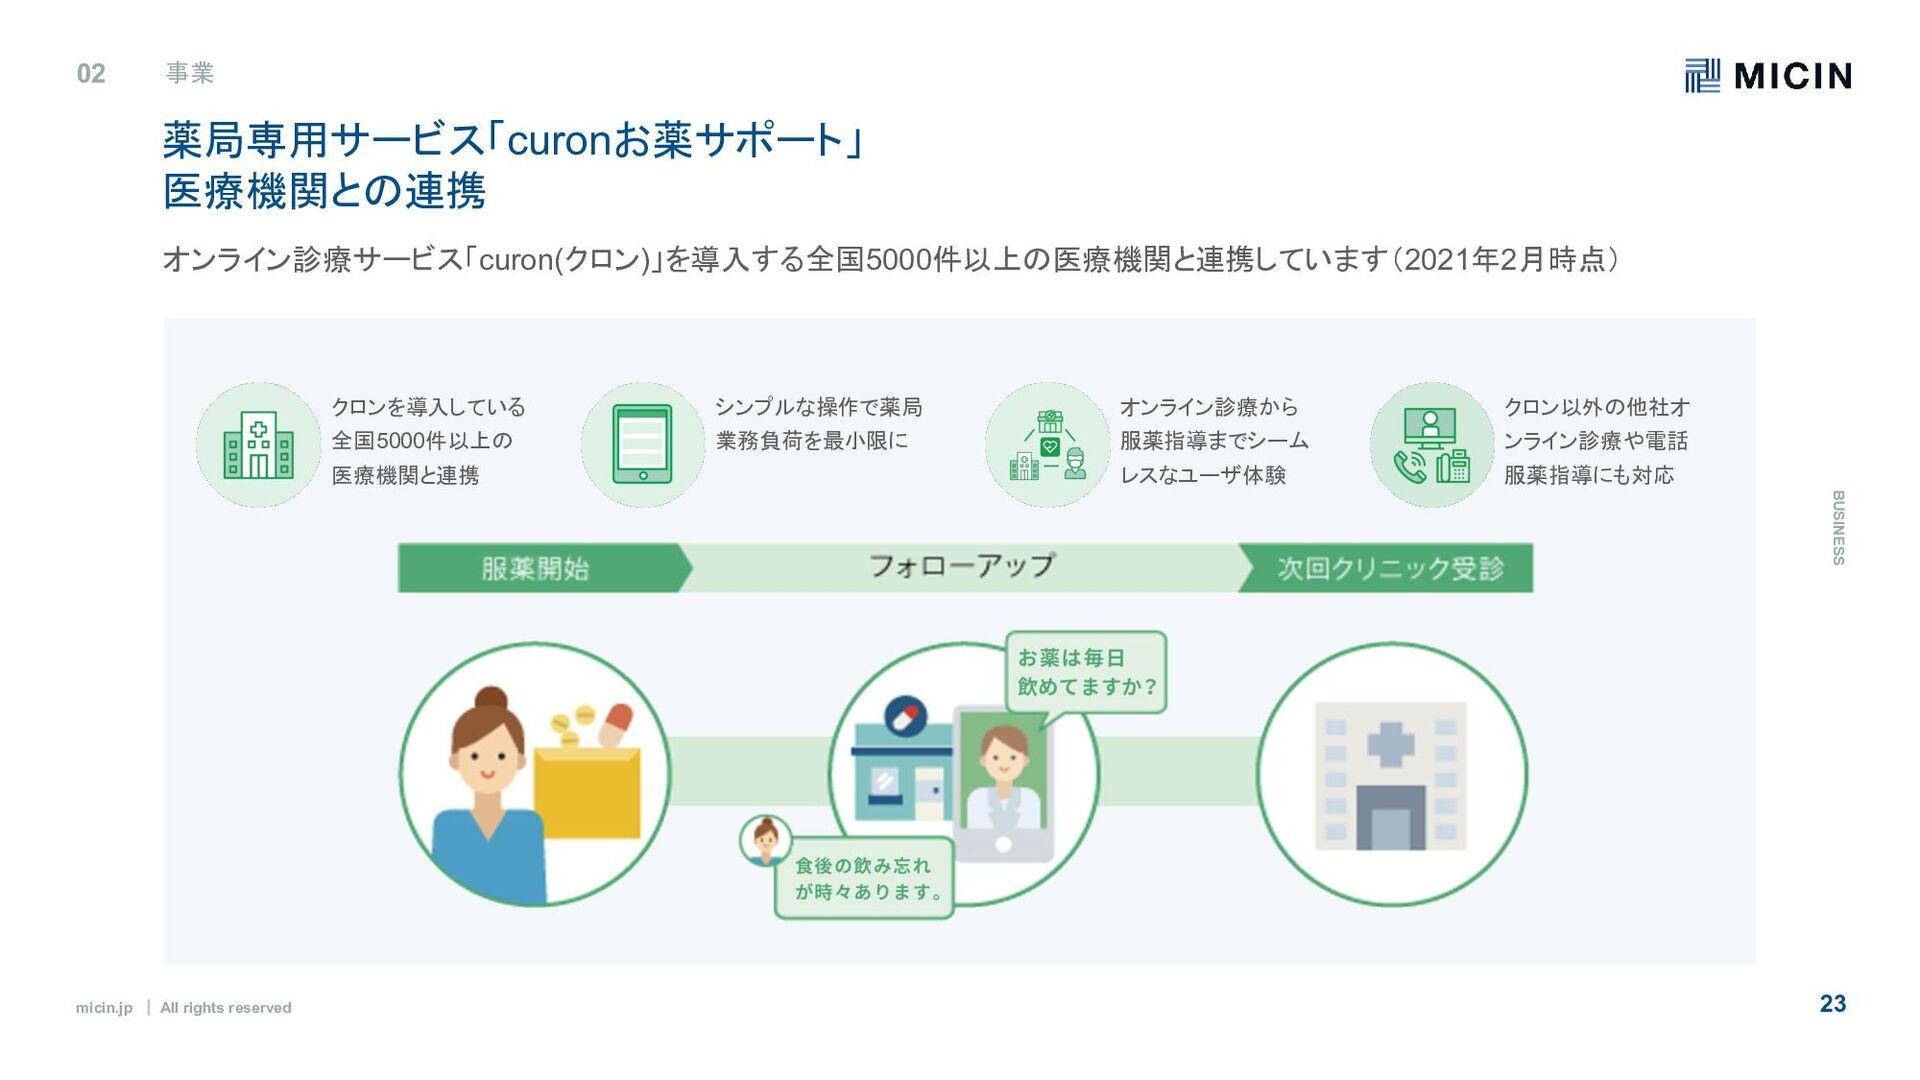 micin.jp ʛ All rights reserved 23 02 ۀ B U S I...